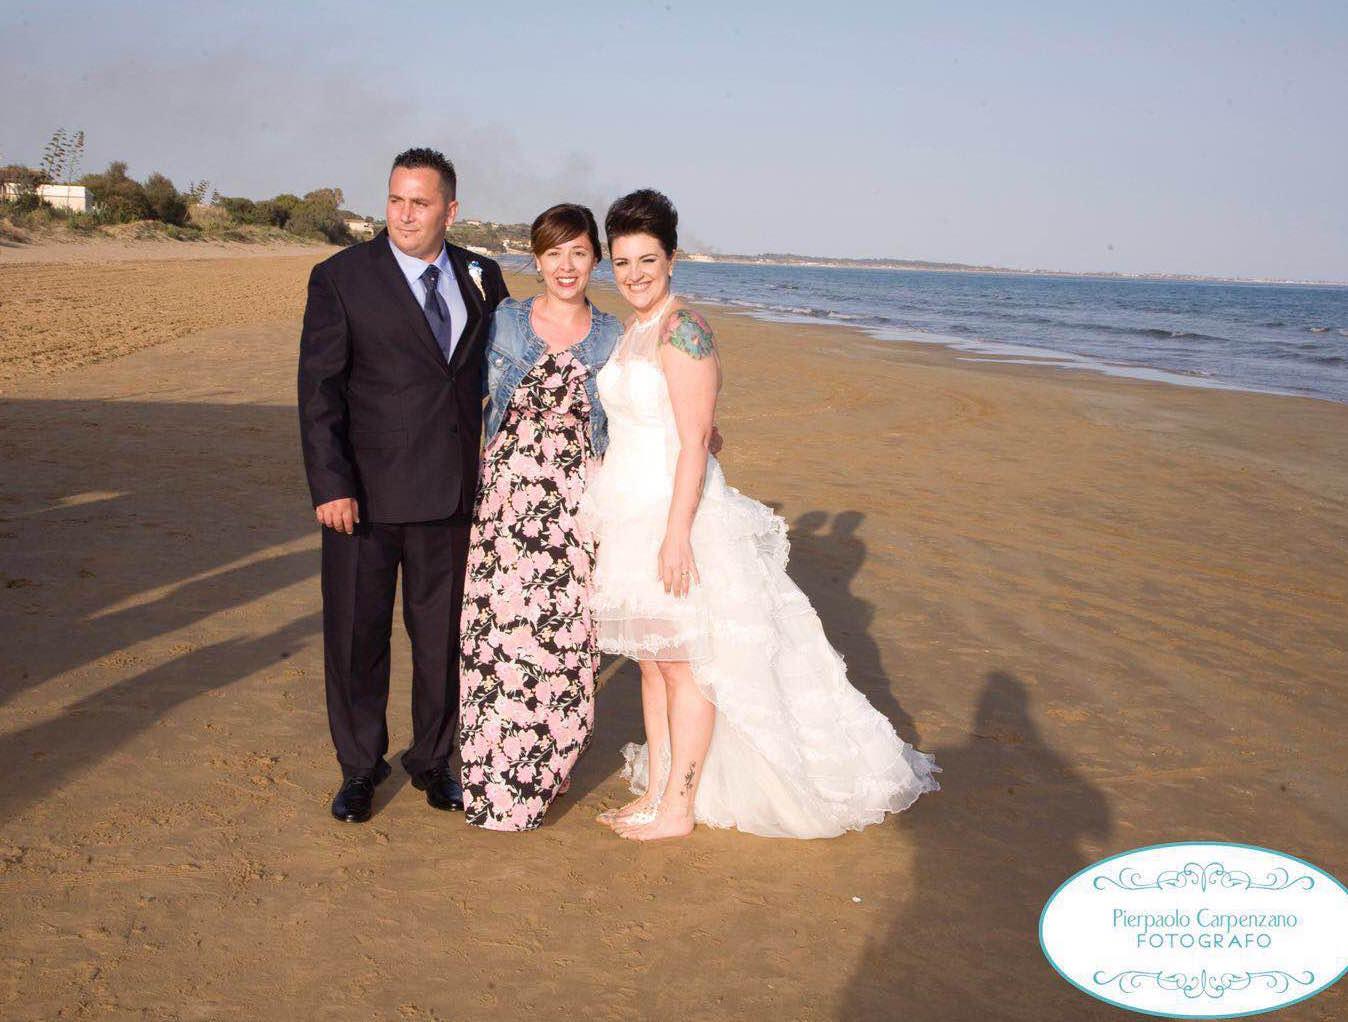 Matrimonio In Spiaggia Europa : Matrimonio in spiaggia a pozzallo